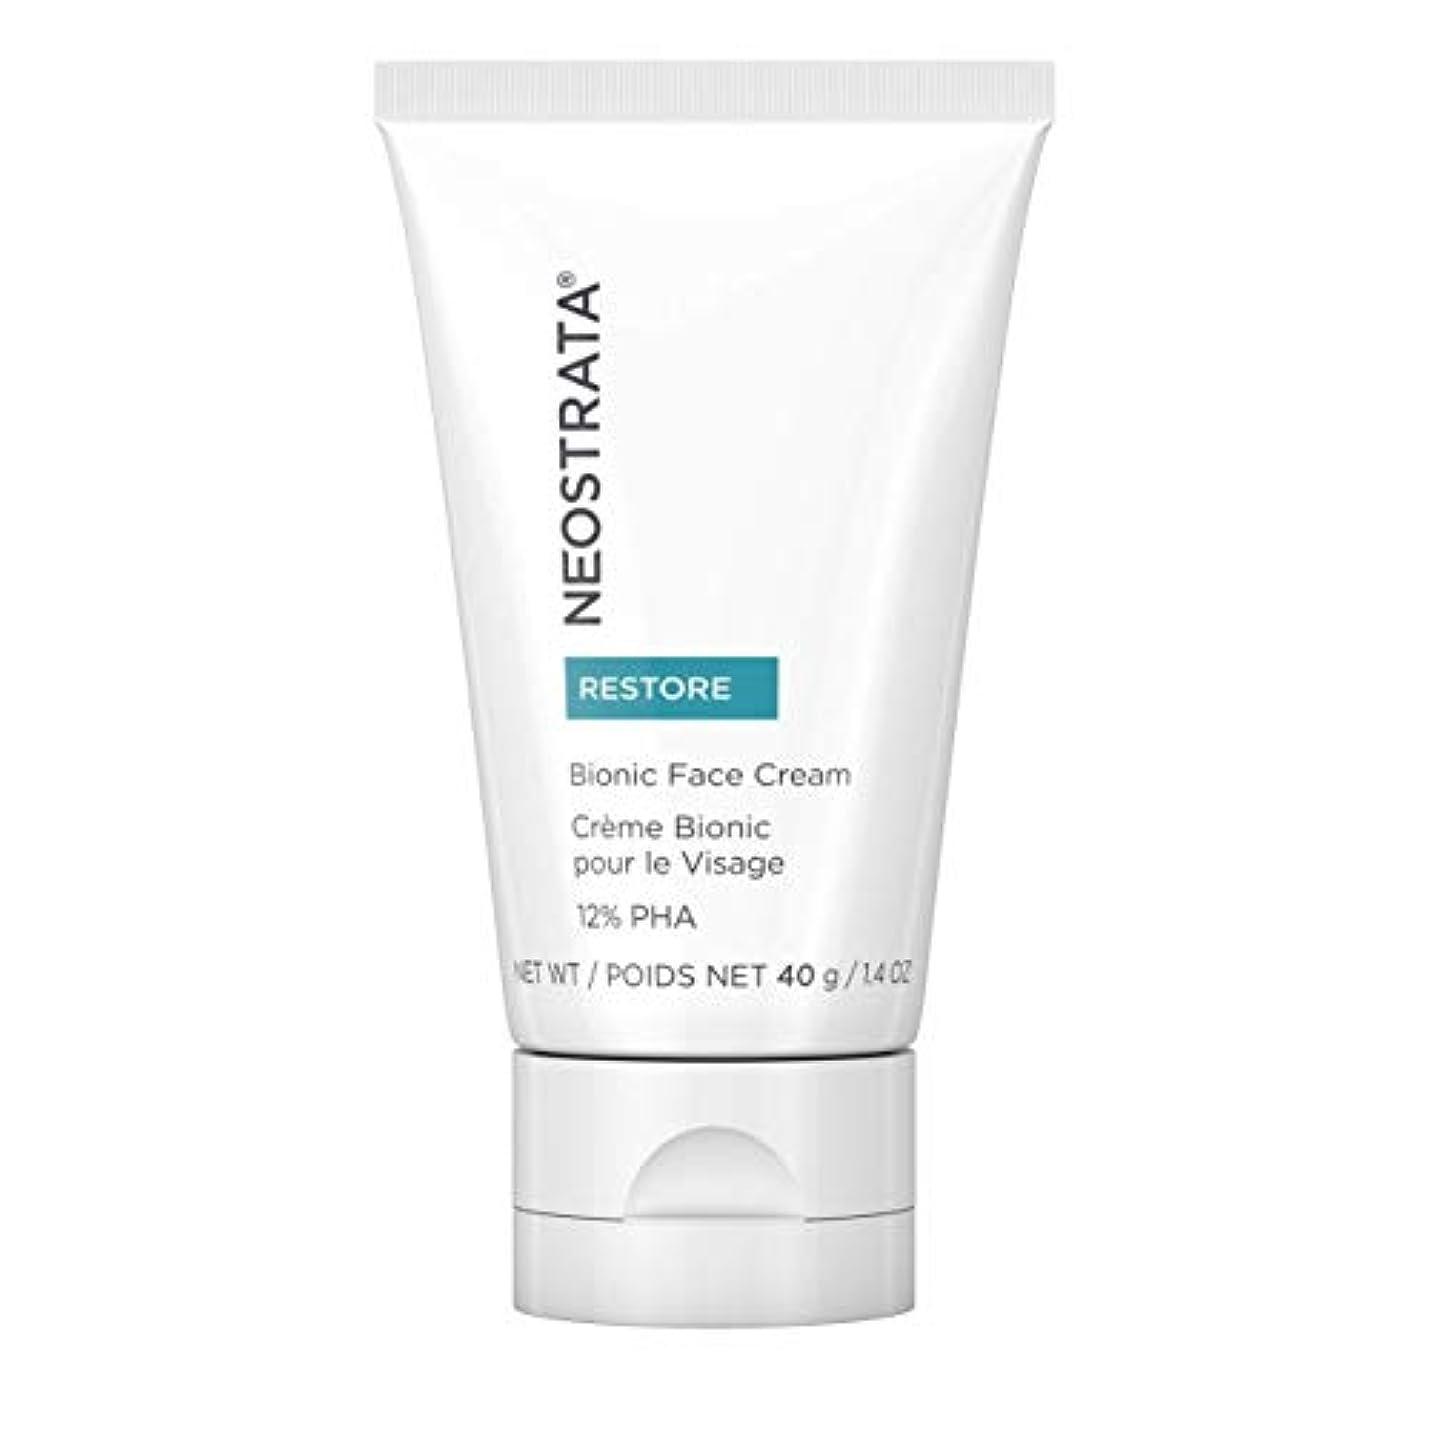 スムーズに迷惑侵入するネオストラータ Restore - Bionic Face Cream 12% PHA 14g/1.4oz並行輸入品